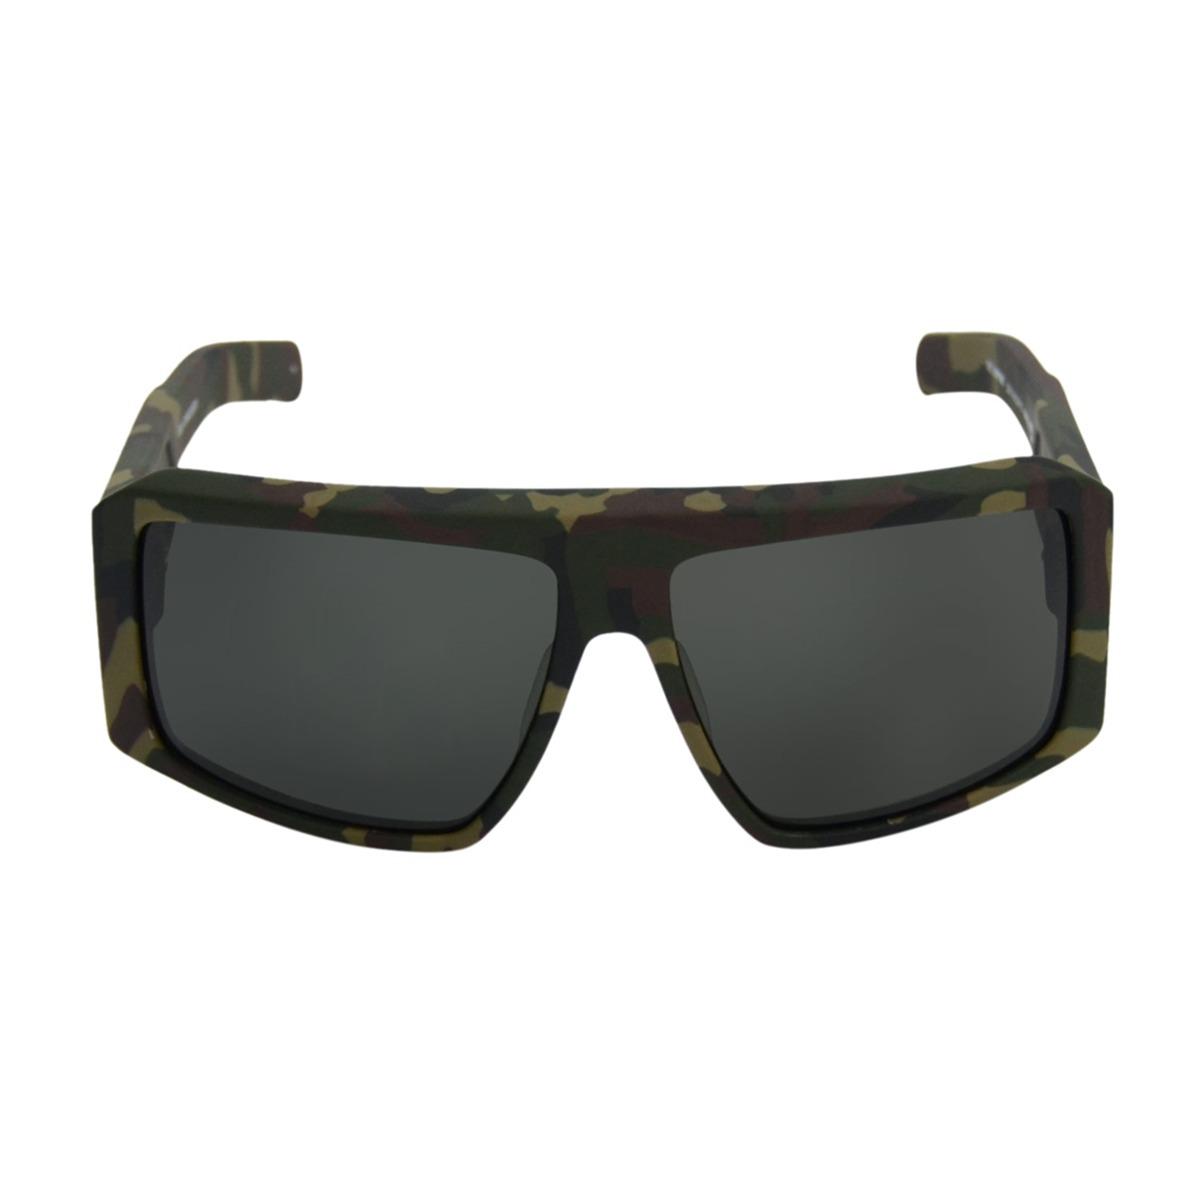 O Óculos Masculino Quiksilver Empire Black Camo - R  129,90 em ... a6f1a8620a